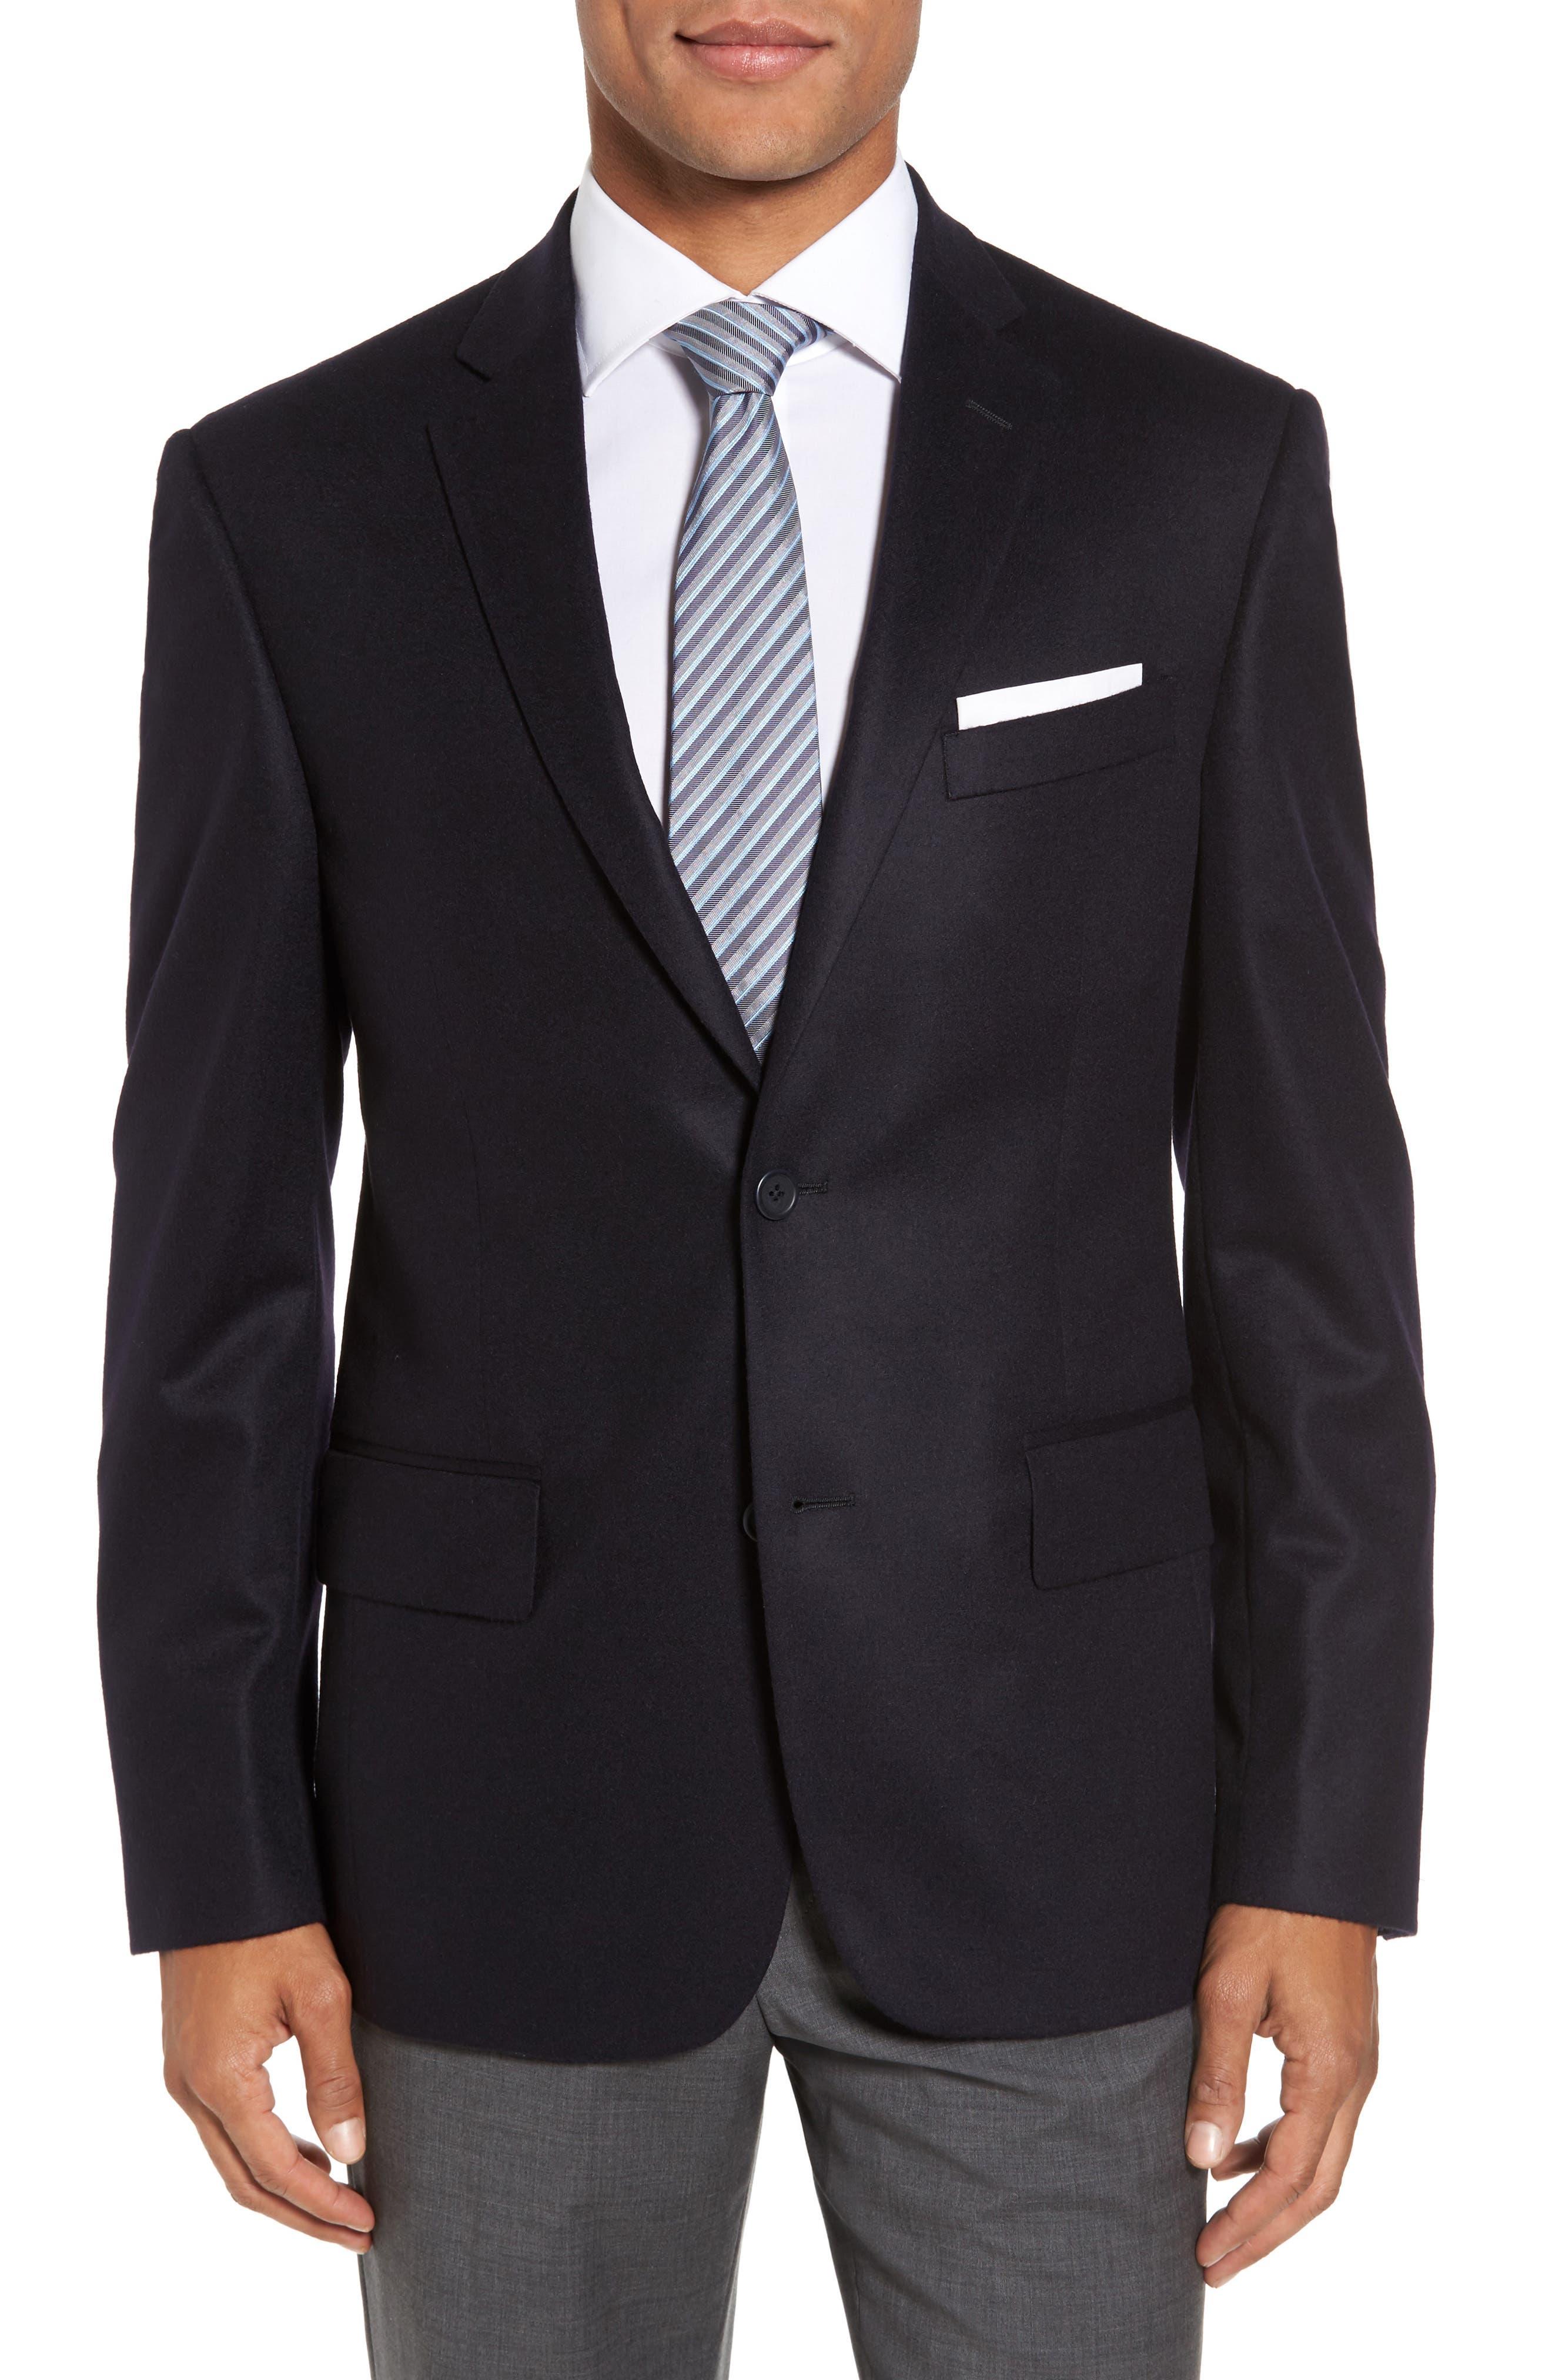 Nordstrom Men's Shop Classic Fit Cashmere Blazer